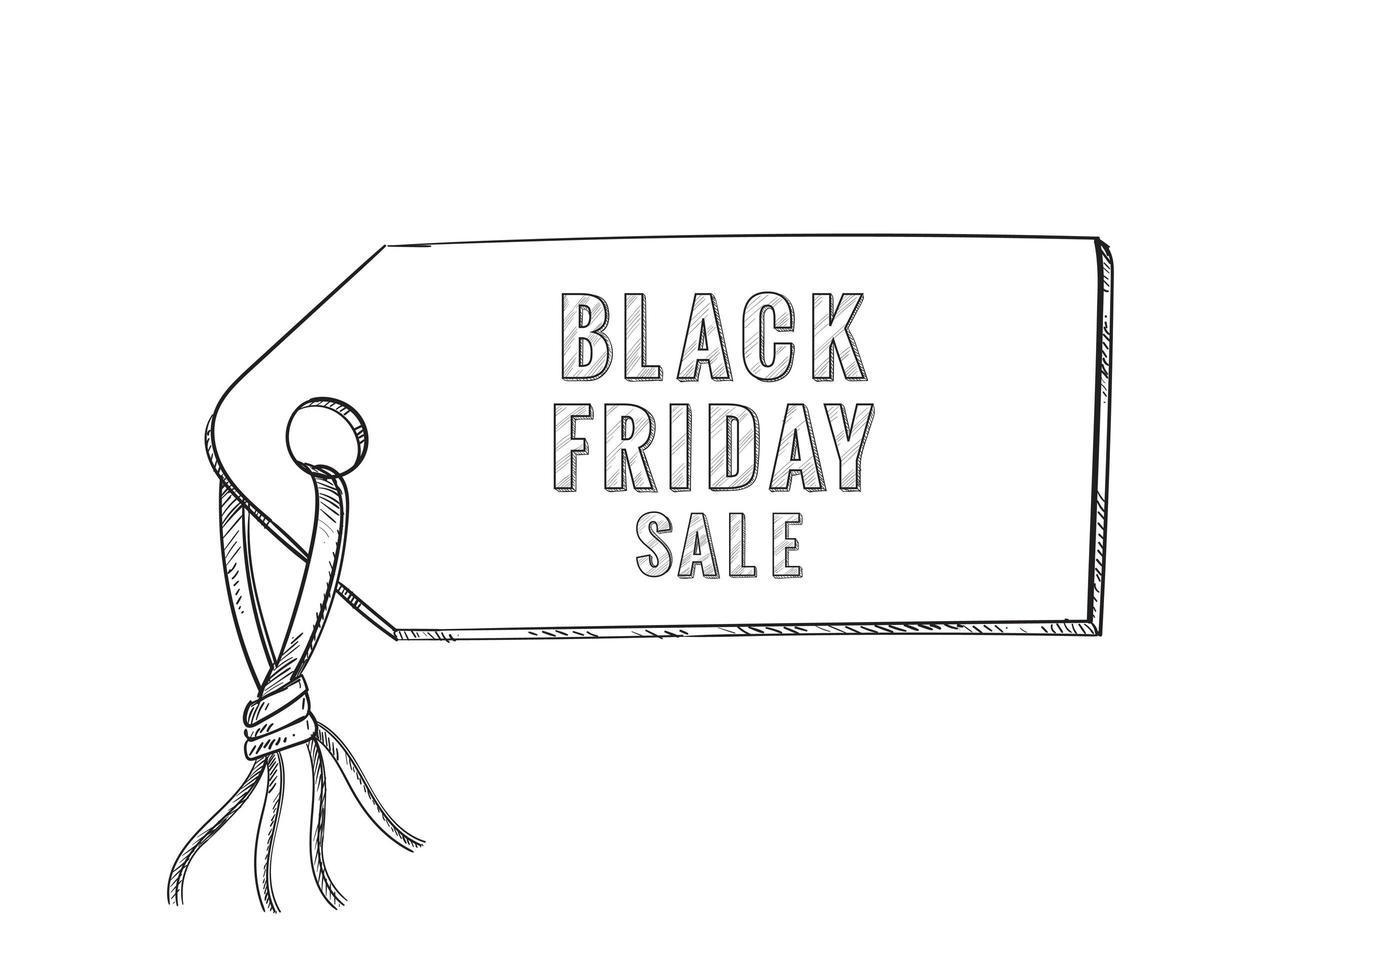 schwarzer Freitag Verkauf Skizze Tag Hintergrund vektor